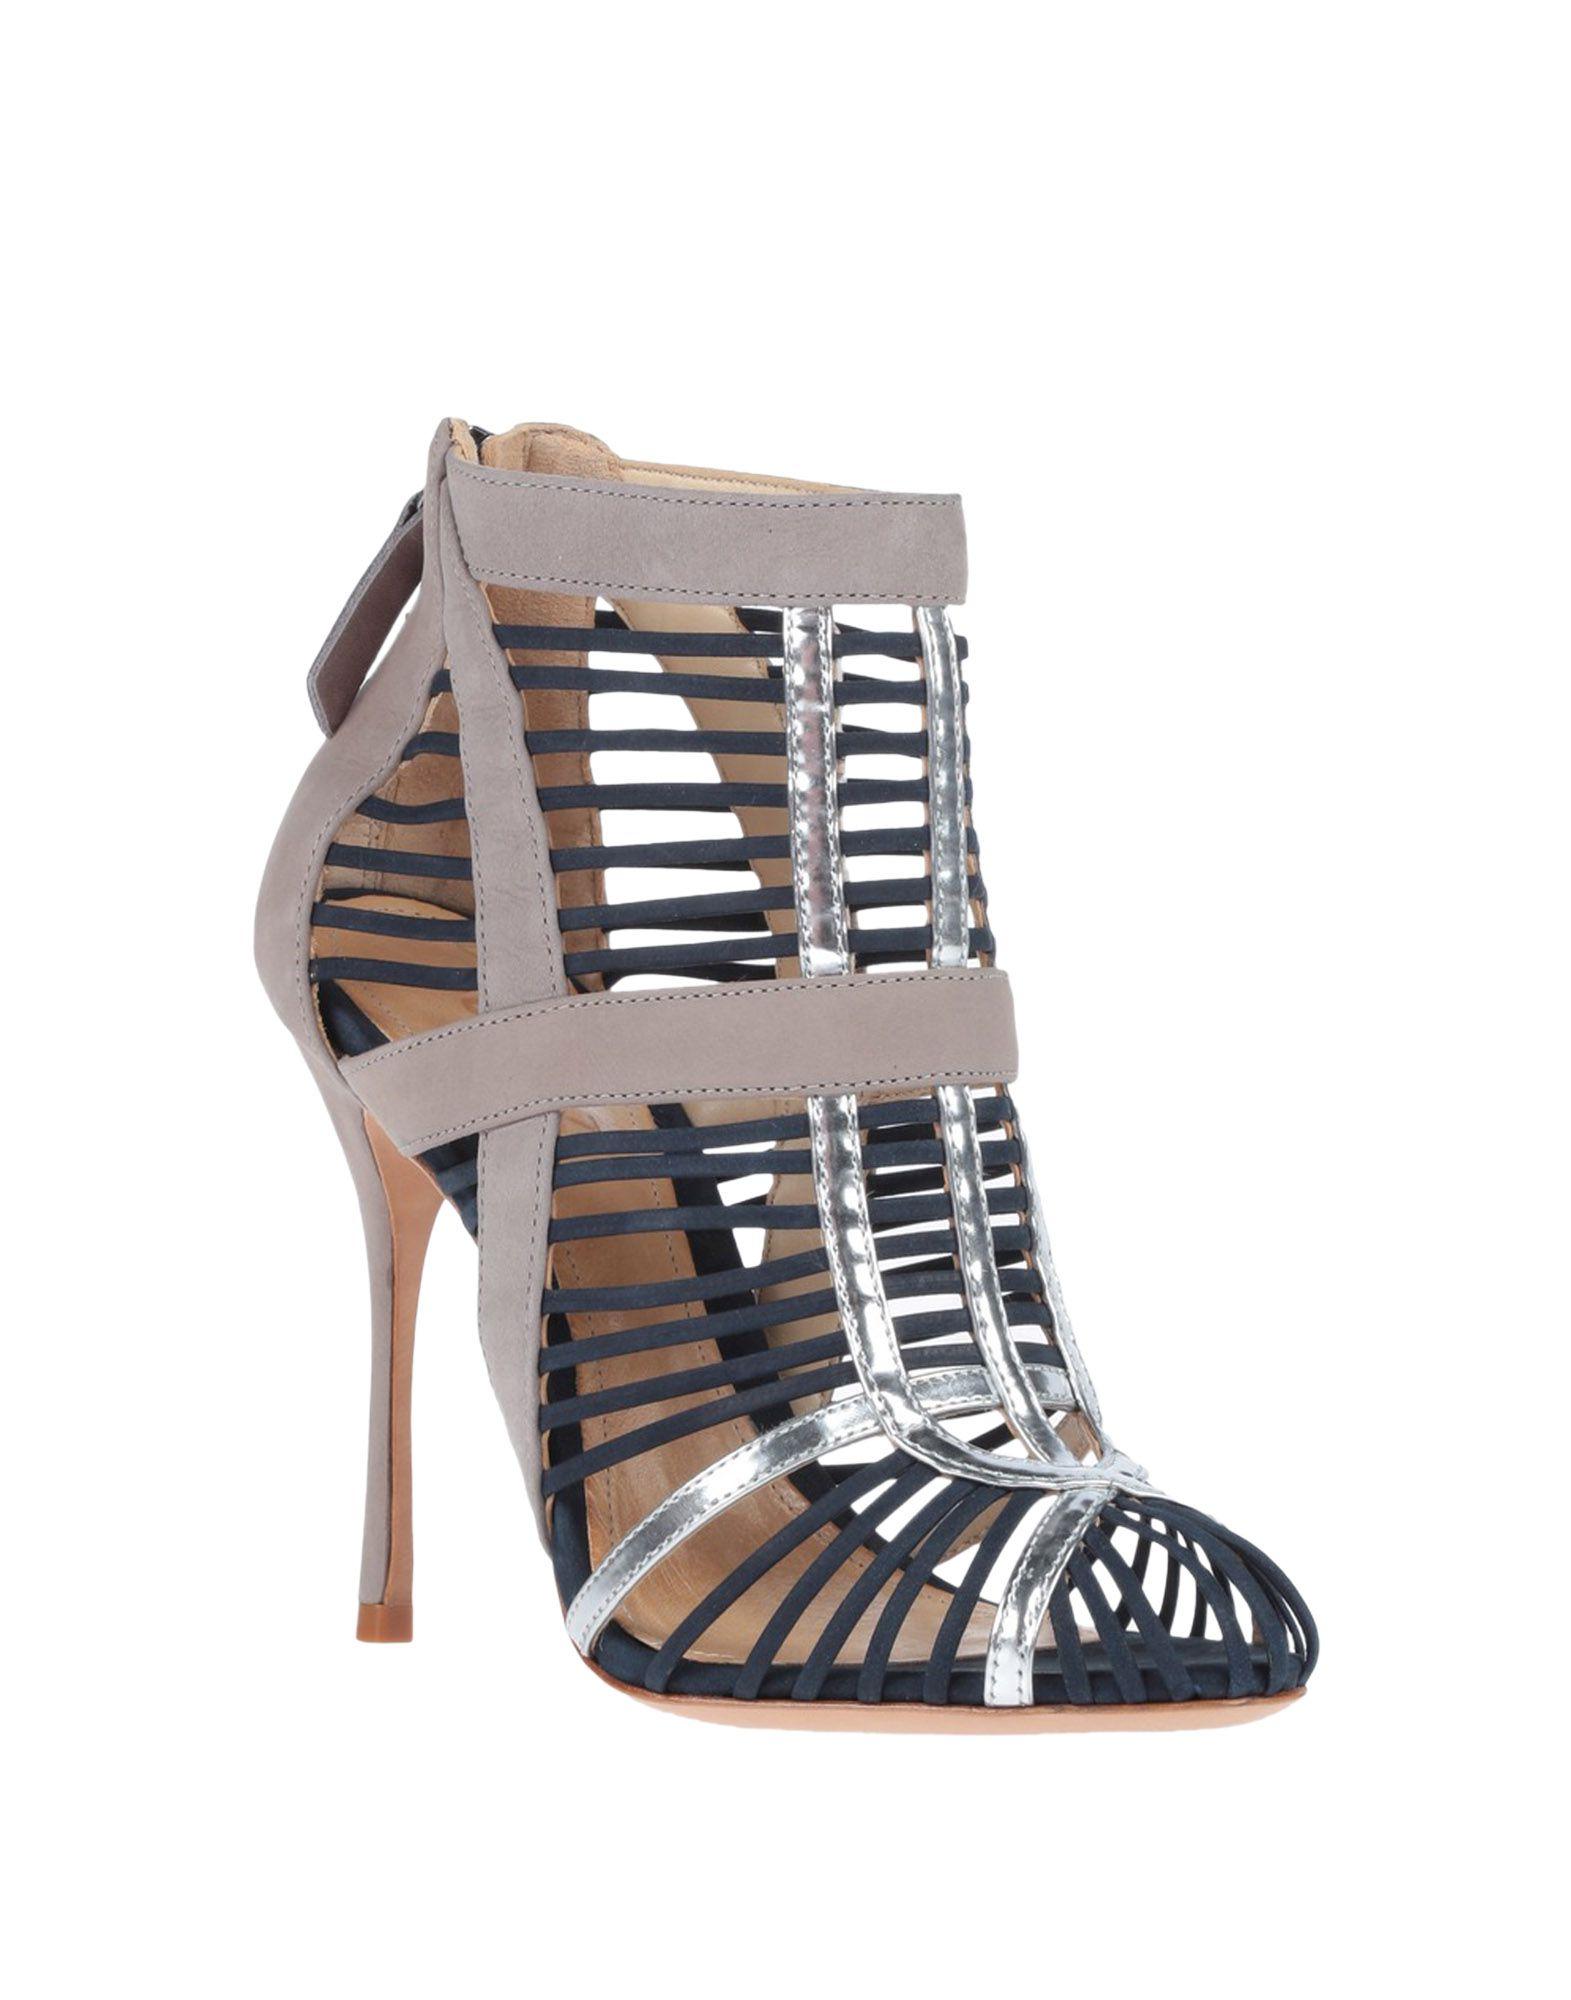 Gut um Stiefelette billige Schuhe zu tragenSchutz Stiefelette um Damen  11287113DR 6b1183